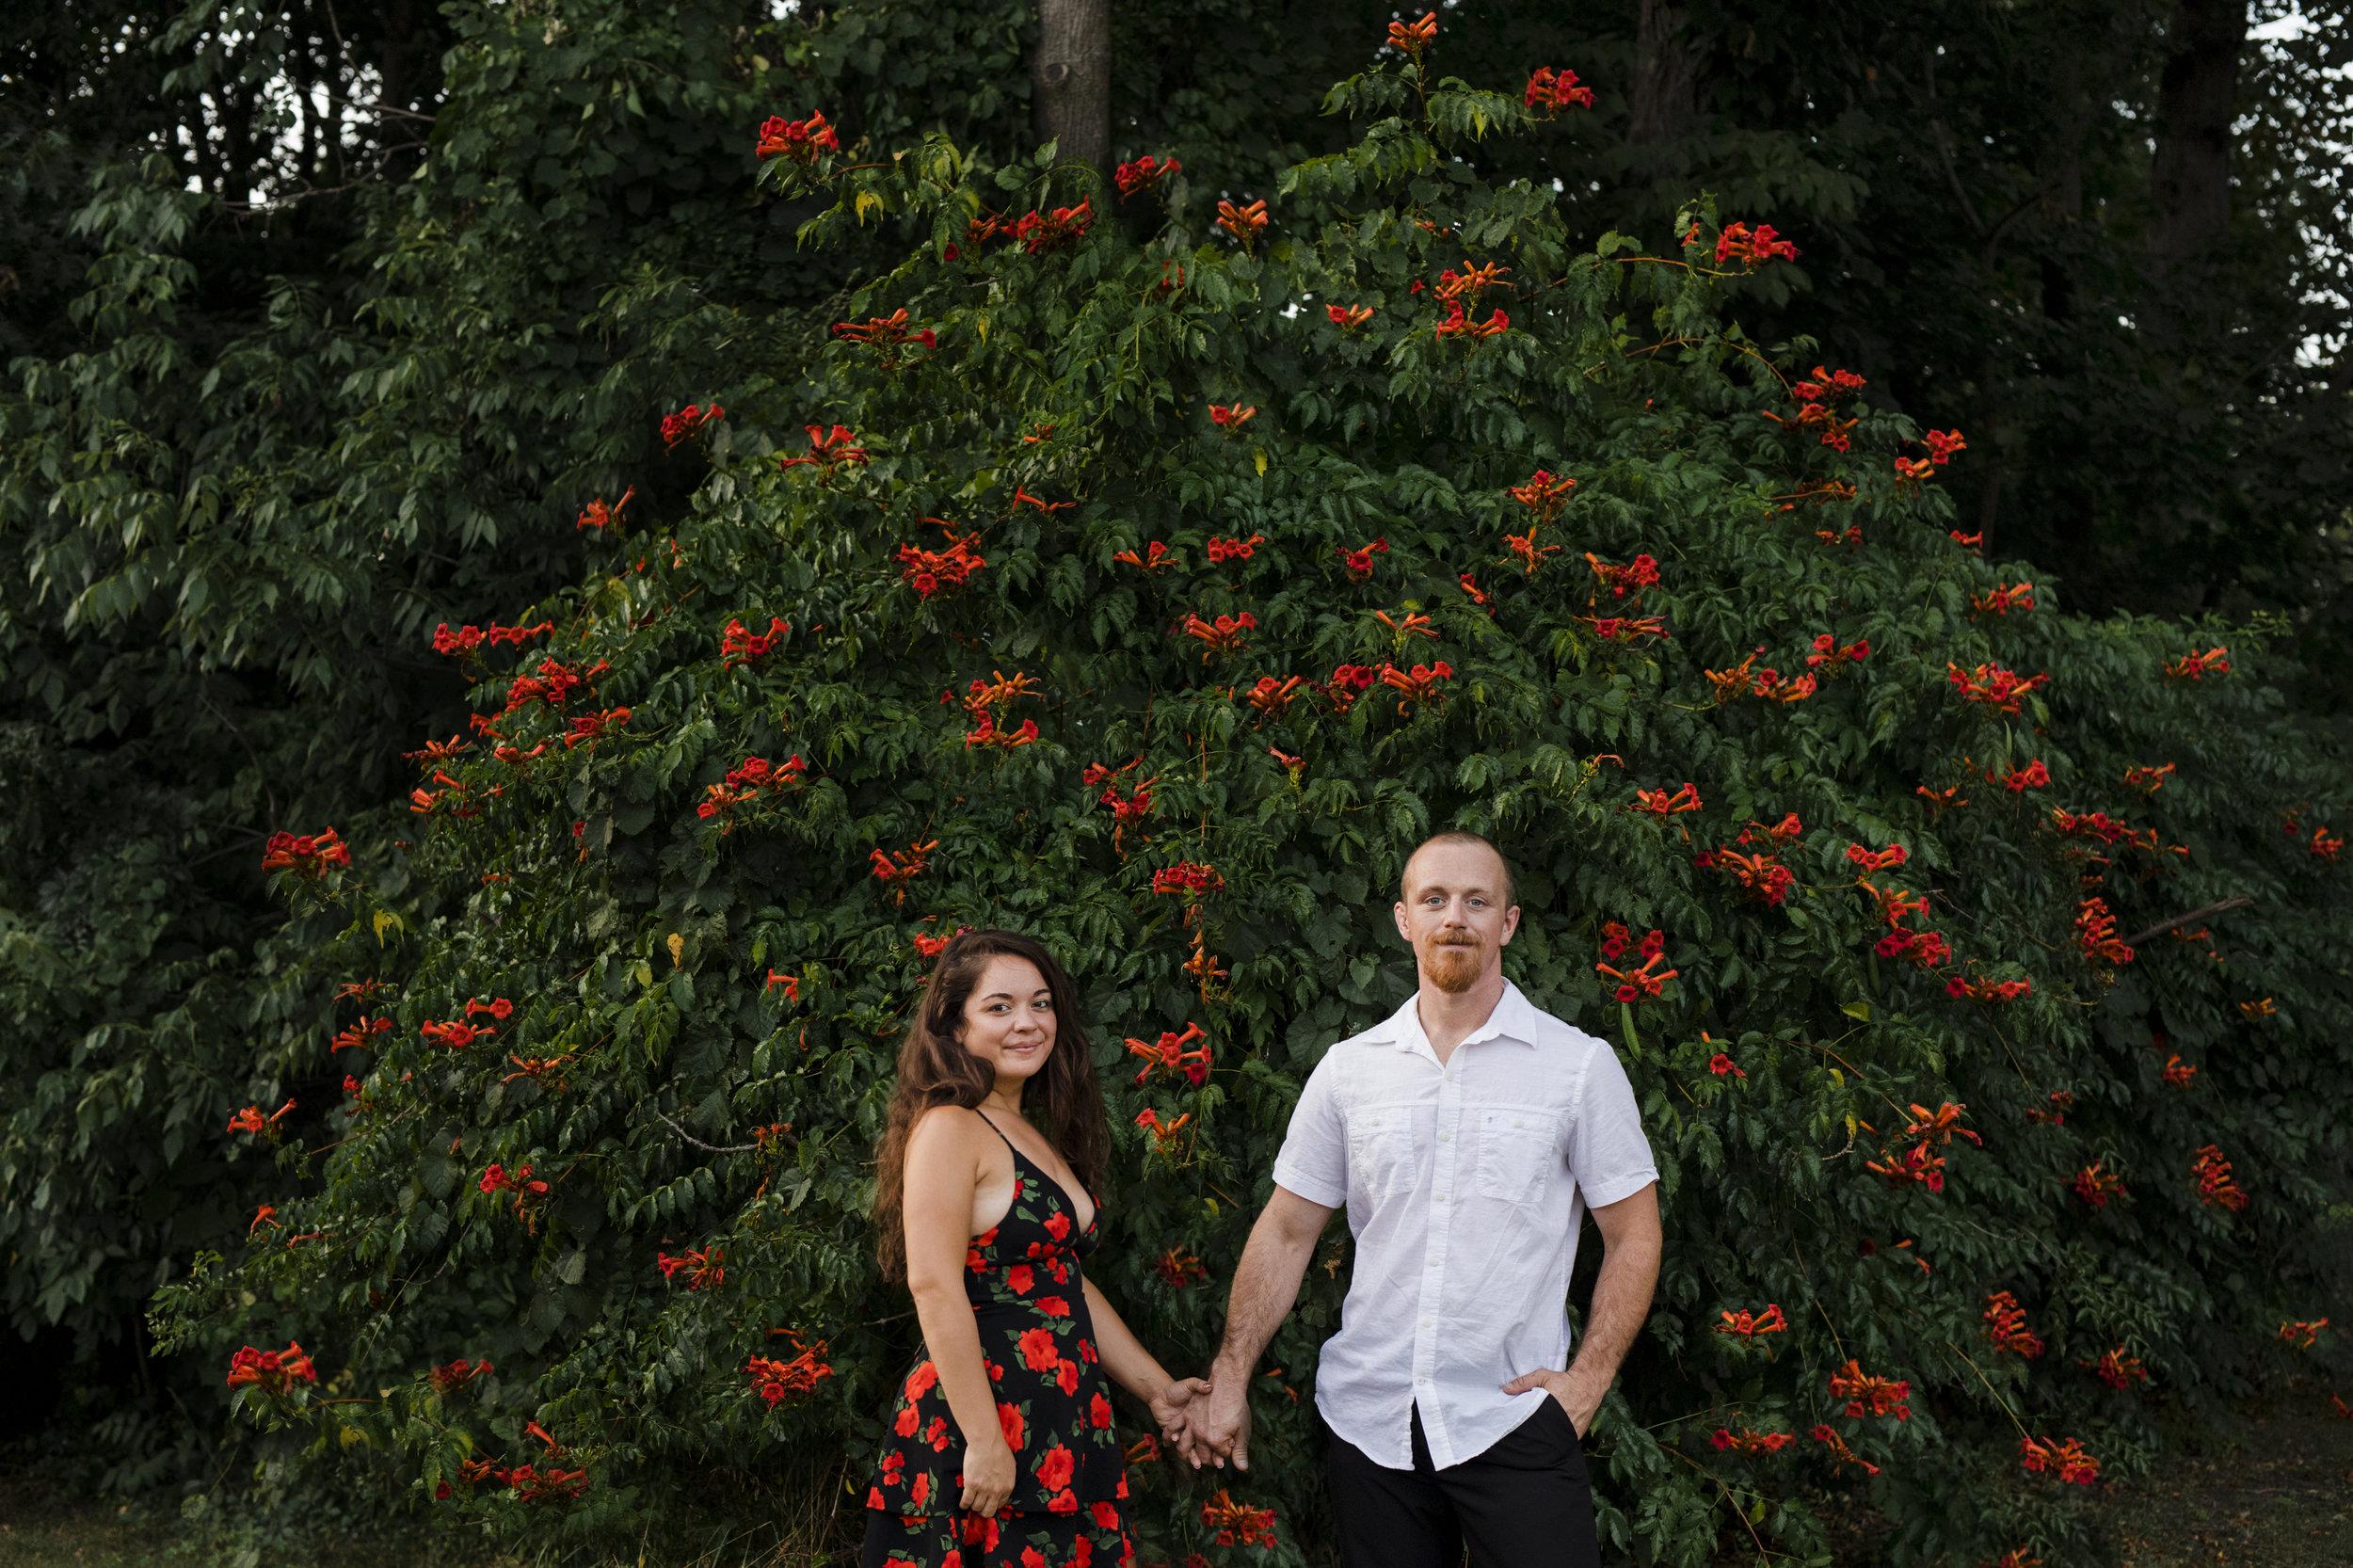 Liz_and_Louie_Engagements_Delaware_Love_by_Joe_Mac_-289.jpg